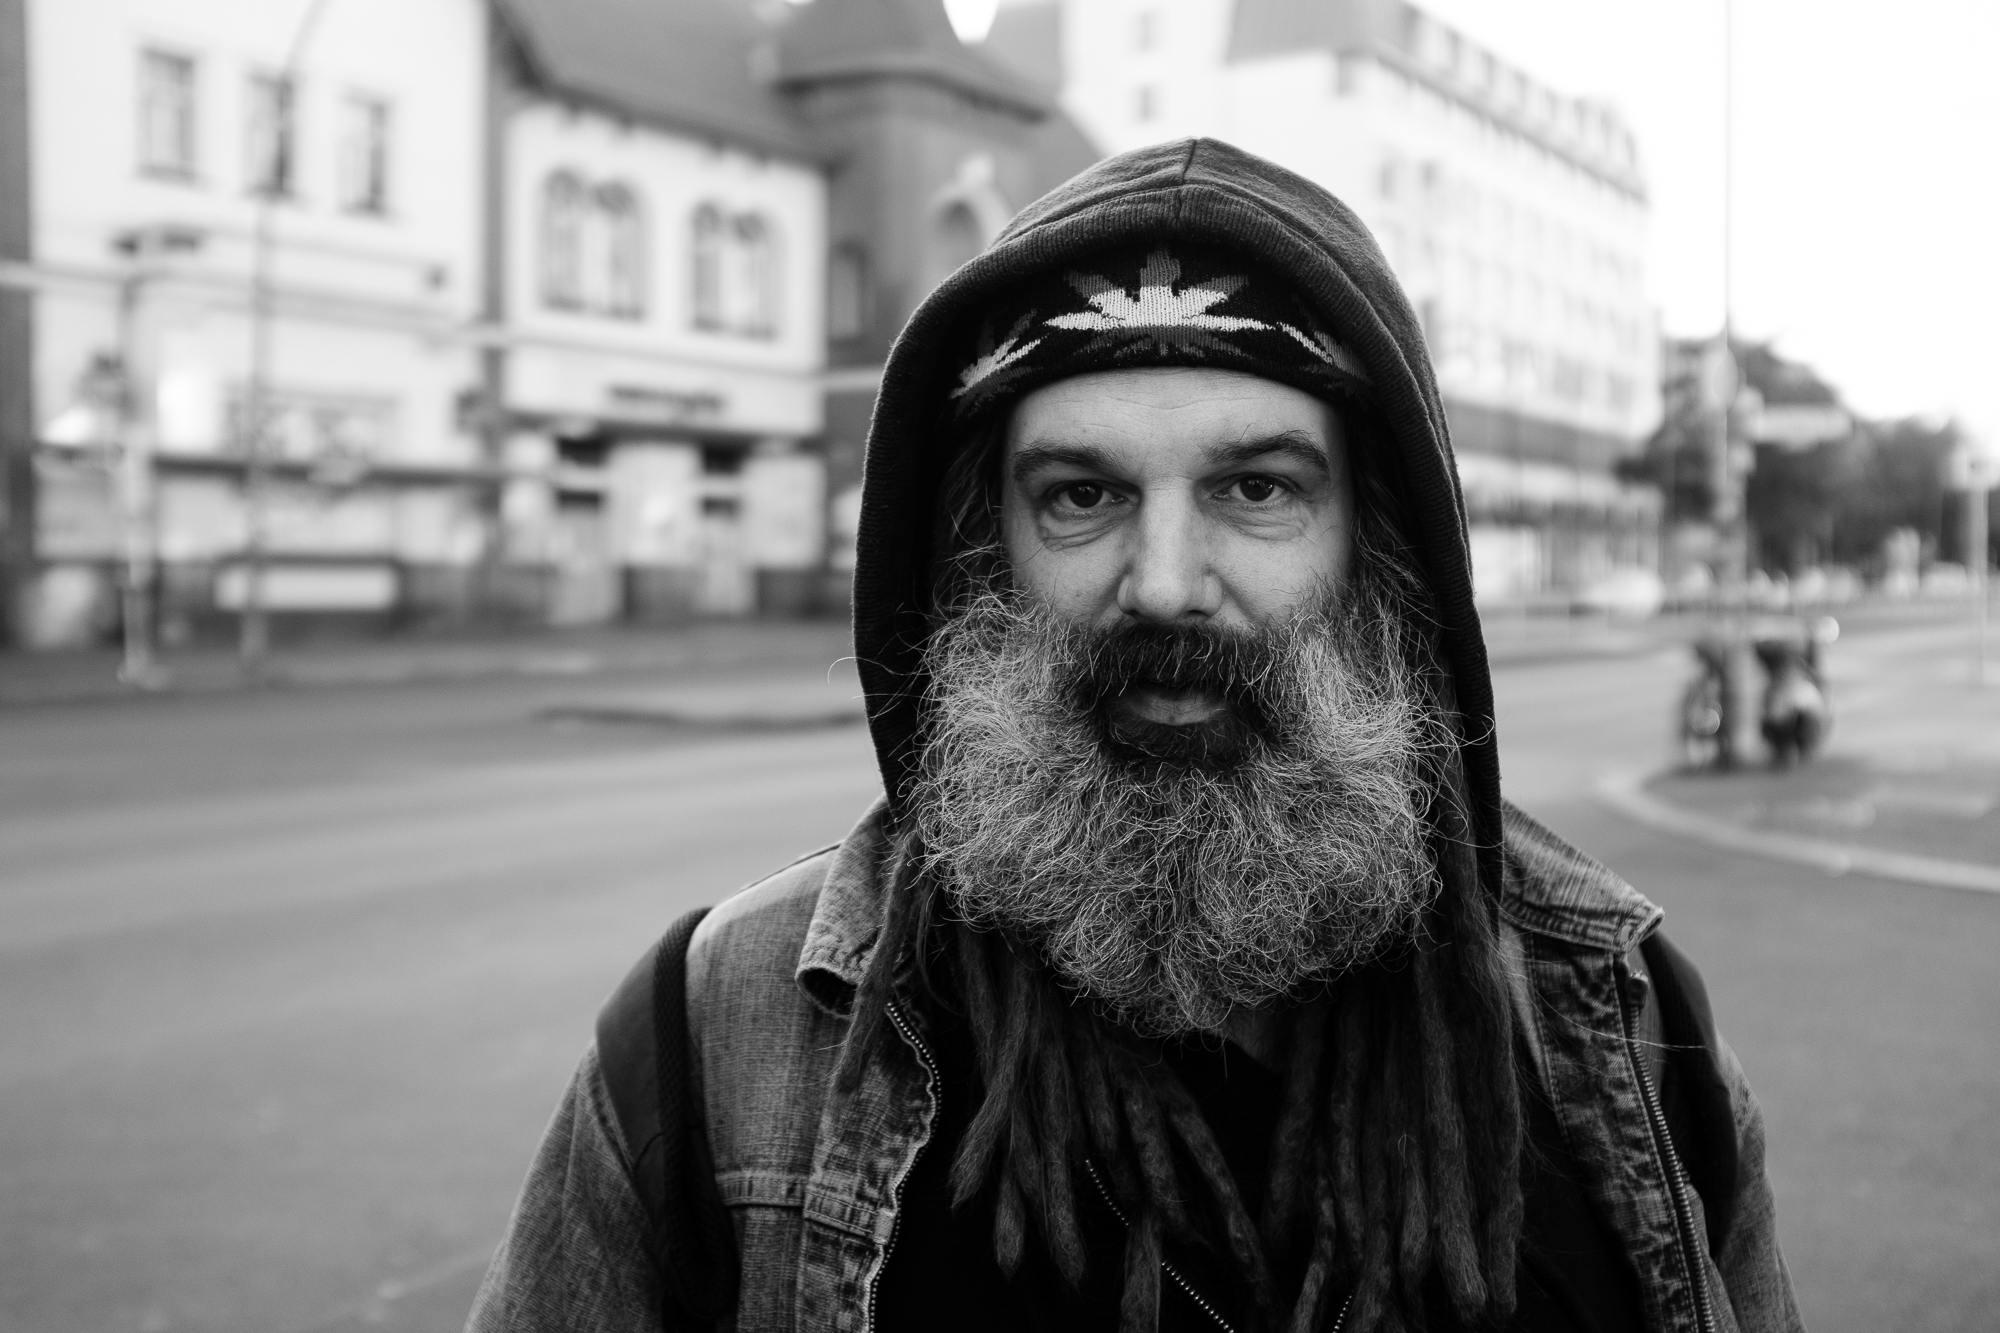 A street portrait of a bearded man with dreadlocks in Berlin Neukölln, Germany